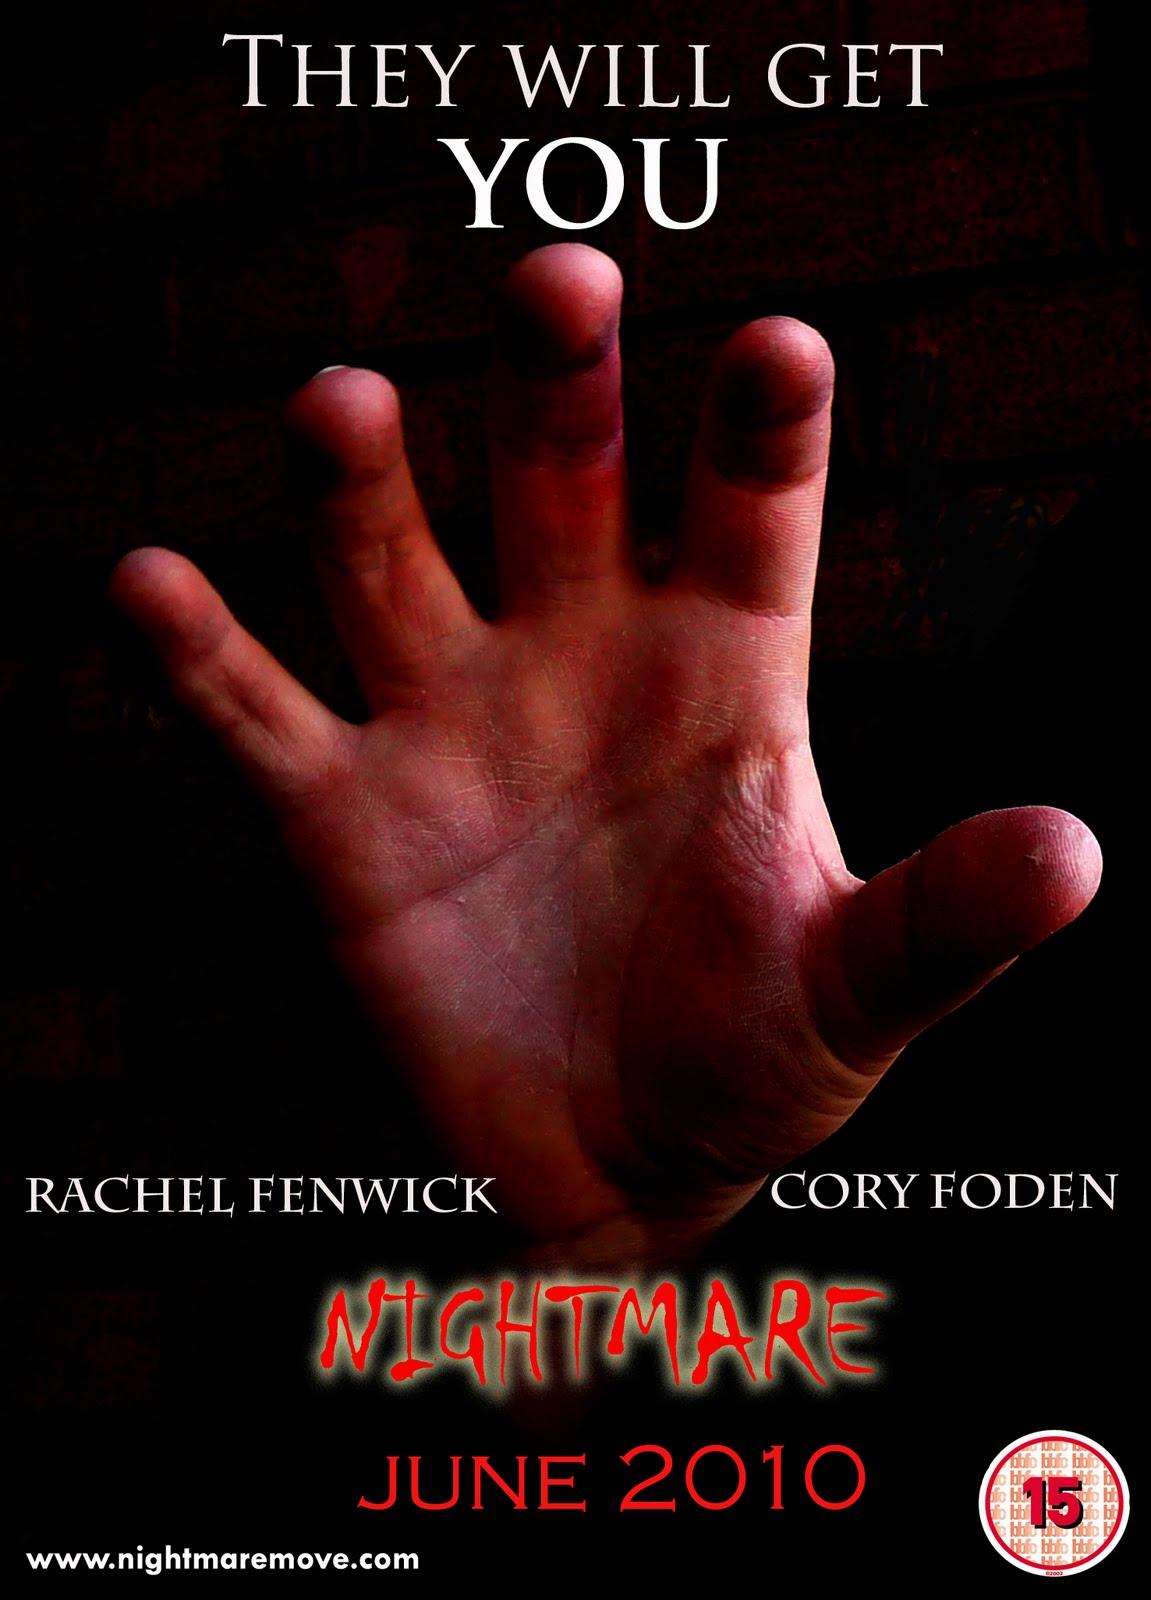 http://3.bp.blogspot.com/_1-SK5hgUl10/TMryIxxzMvI/AAAAAAAAAqA/G_mV9RqW8vM/s1600/jack+richmondd,+media+poster+copy.jpg